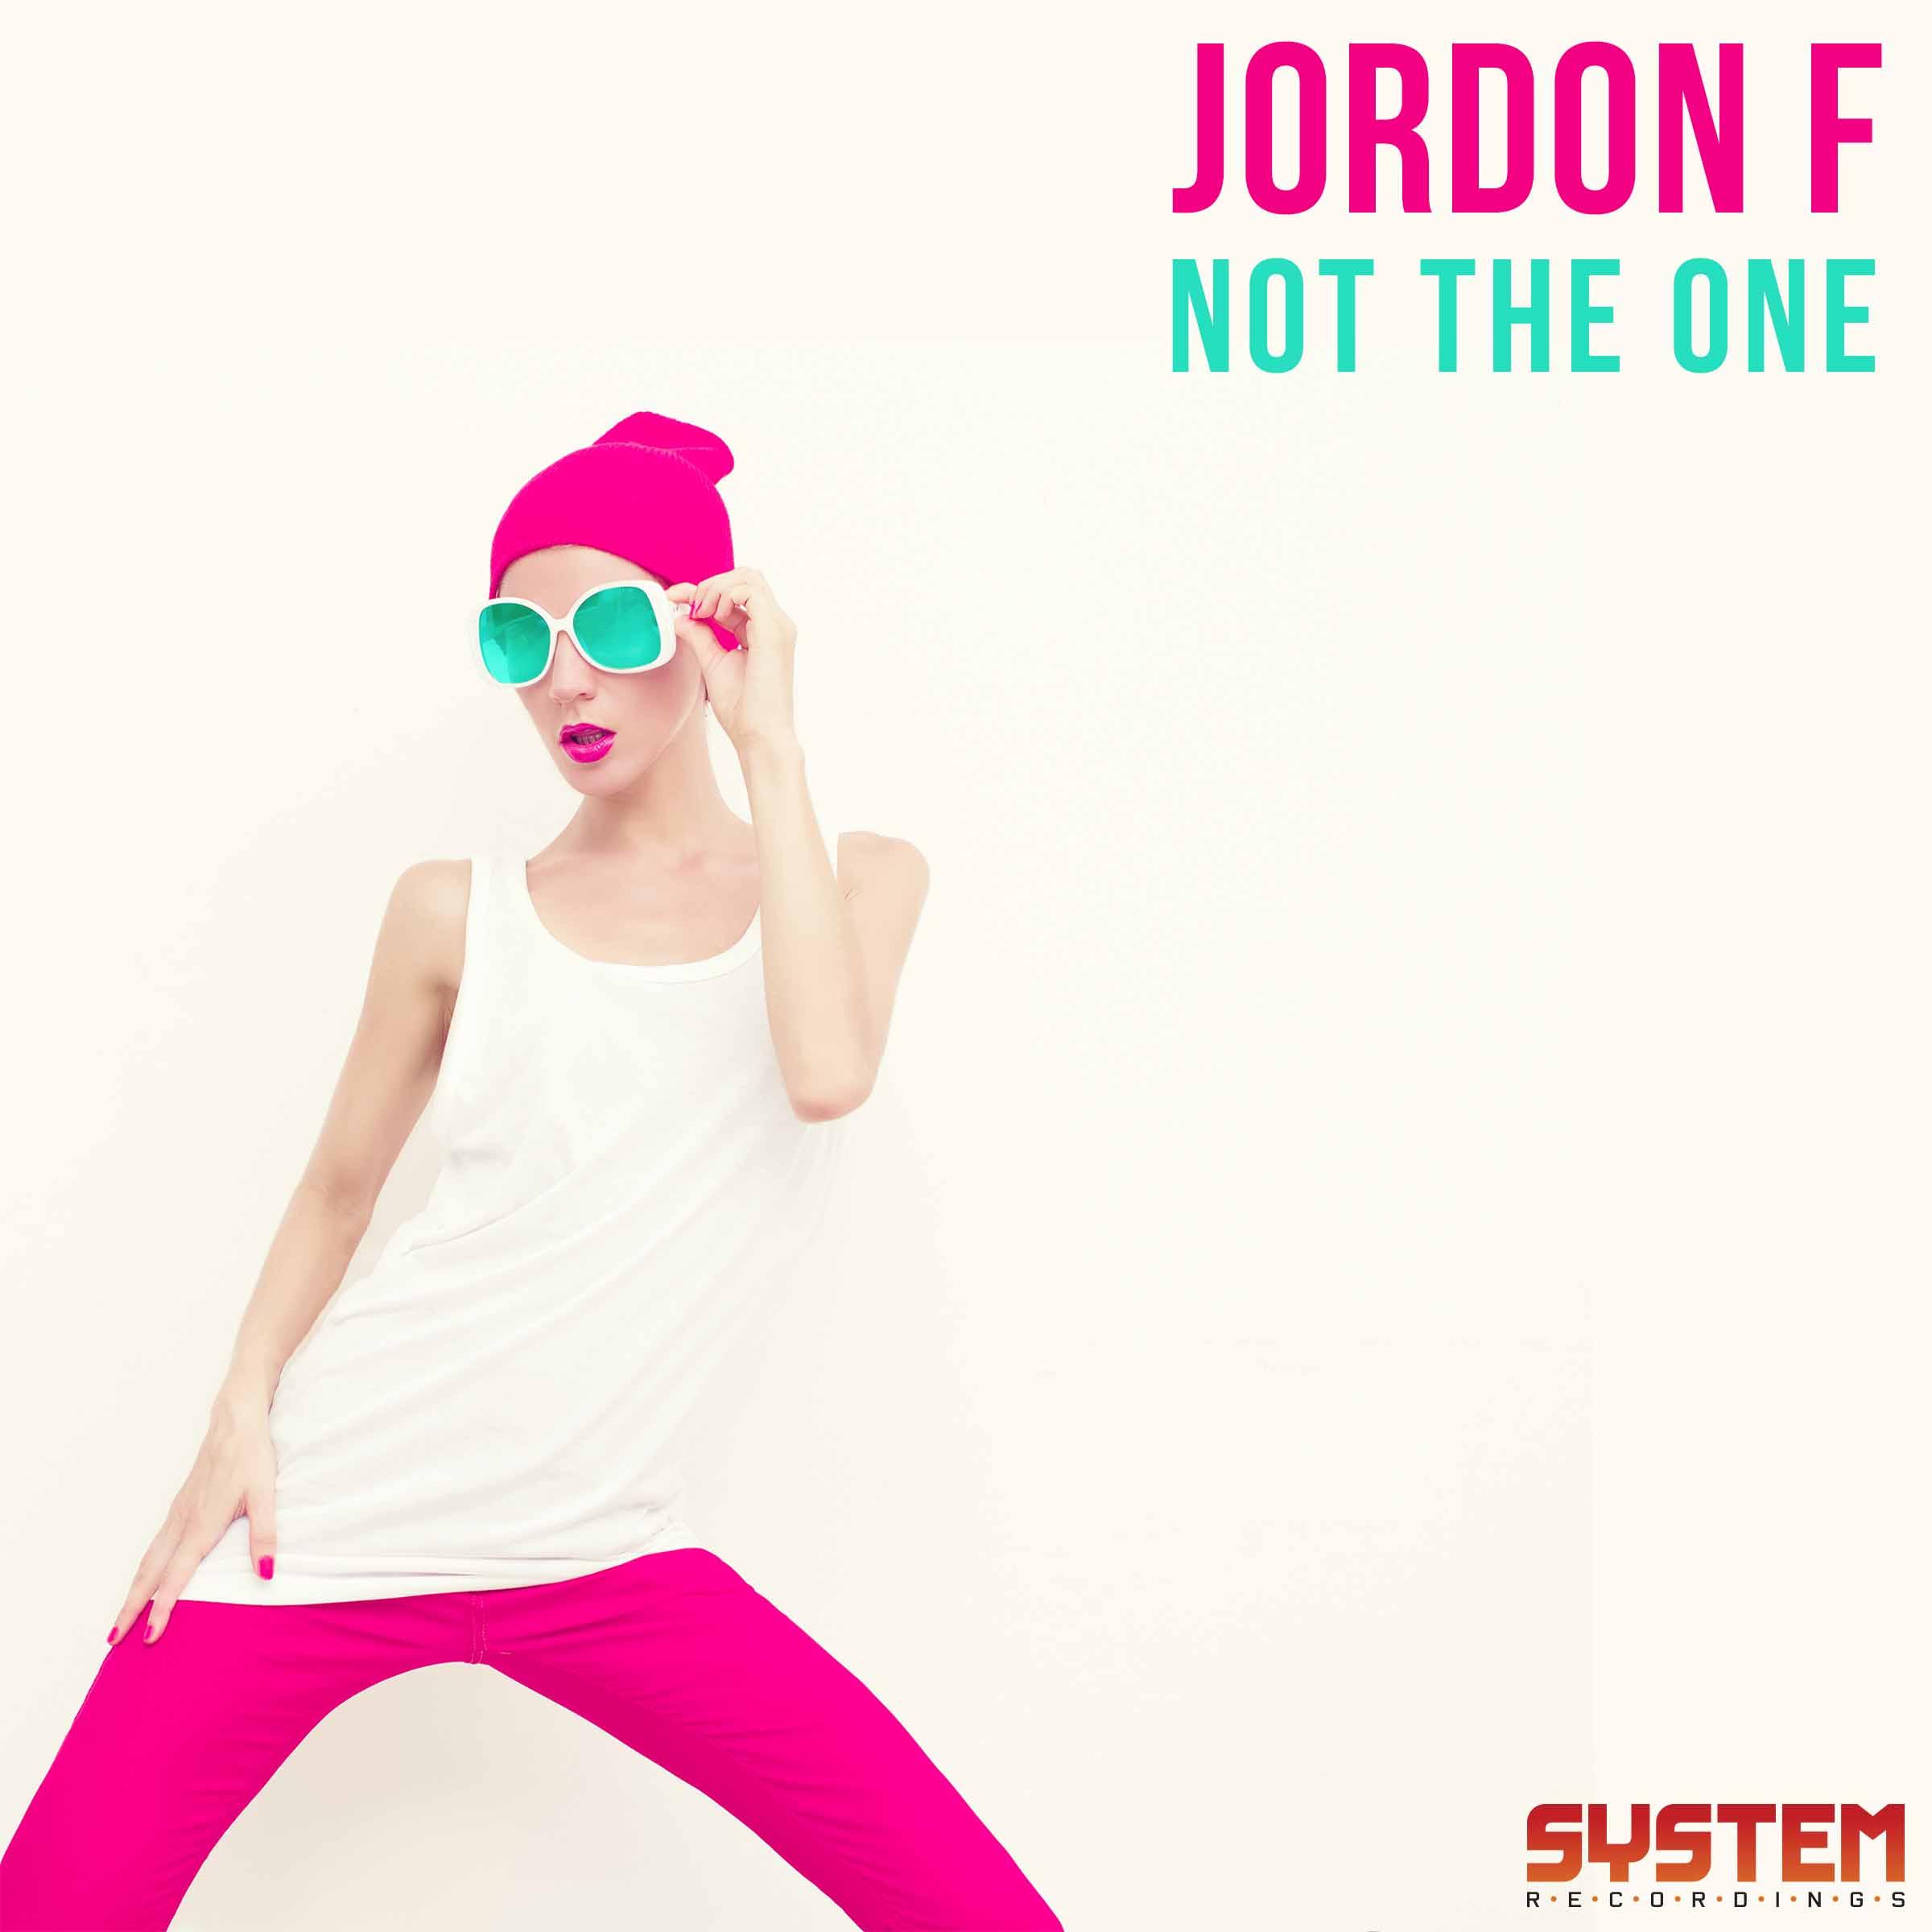 Jordon F